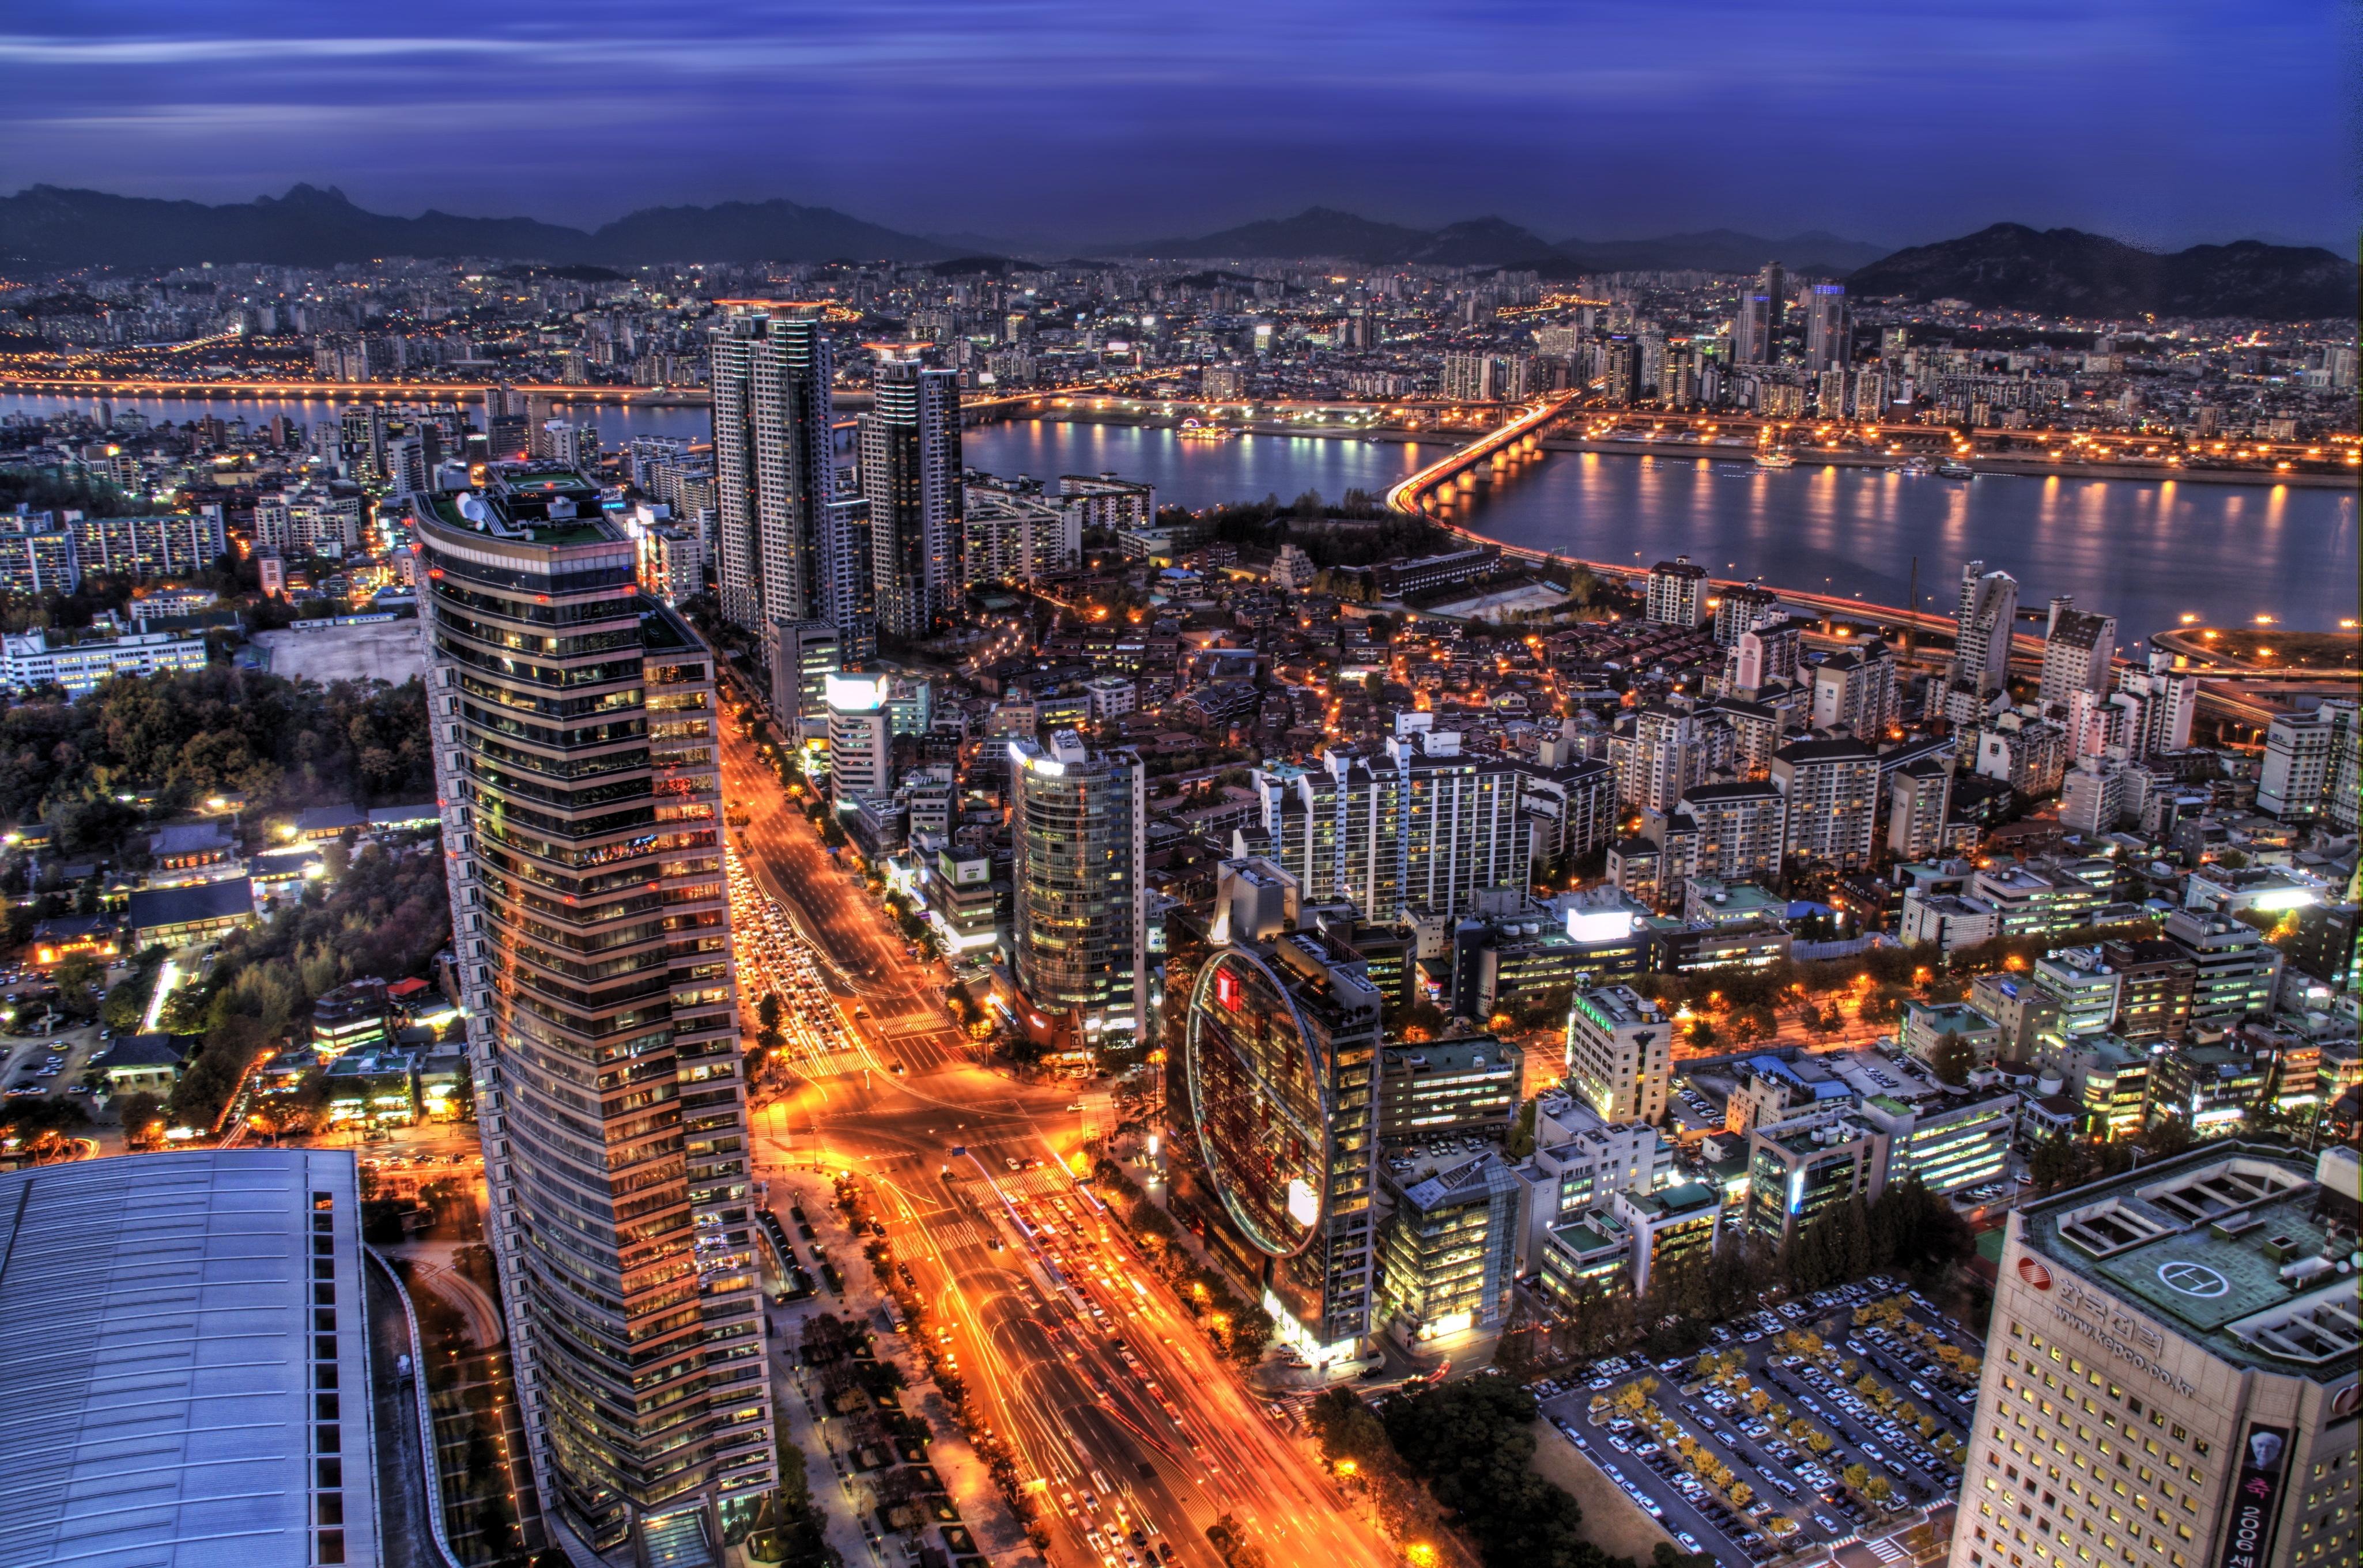 Laden Sie das kostenlose Hintergrundbild 147722: Städte, Sky, Wolkenkratzer, Die Lichter, Lichter, Hintergrundbeleuchtung, Beleuchtung, Abend, Hdr, Seoul, Südkorea, Hauptstadt Hintergrundbild für das Handy herunter